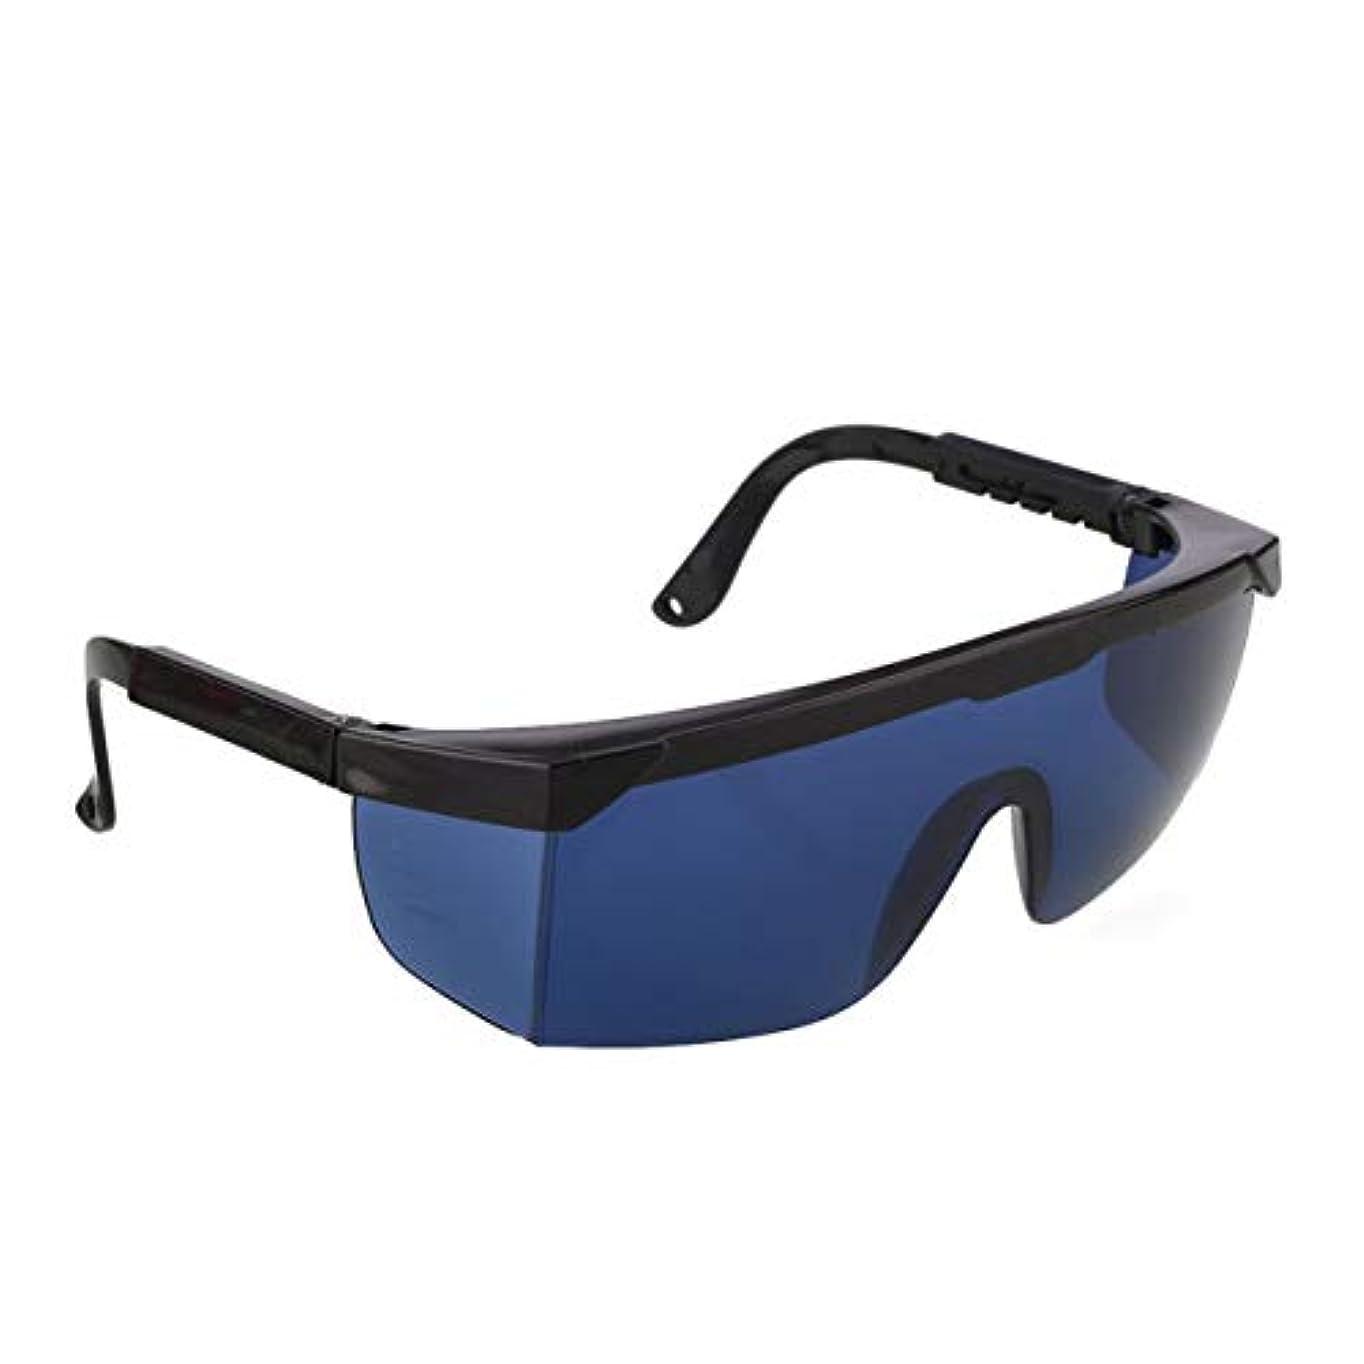 トライアスロンほんの小道具Saikogoods 除毛クリーム ポイント脱毛保護メガネユニバーサルゴーグル眼鏡を凍結IPL/E-光OPTのためのレーザー保護メガネ 青